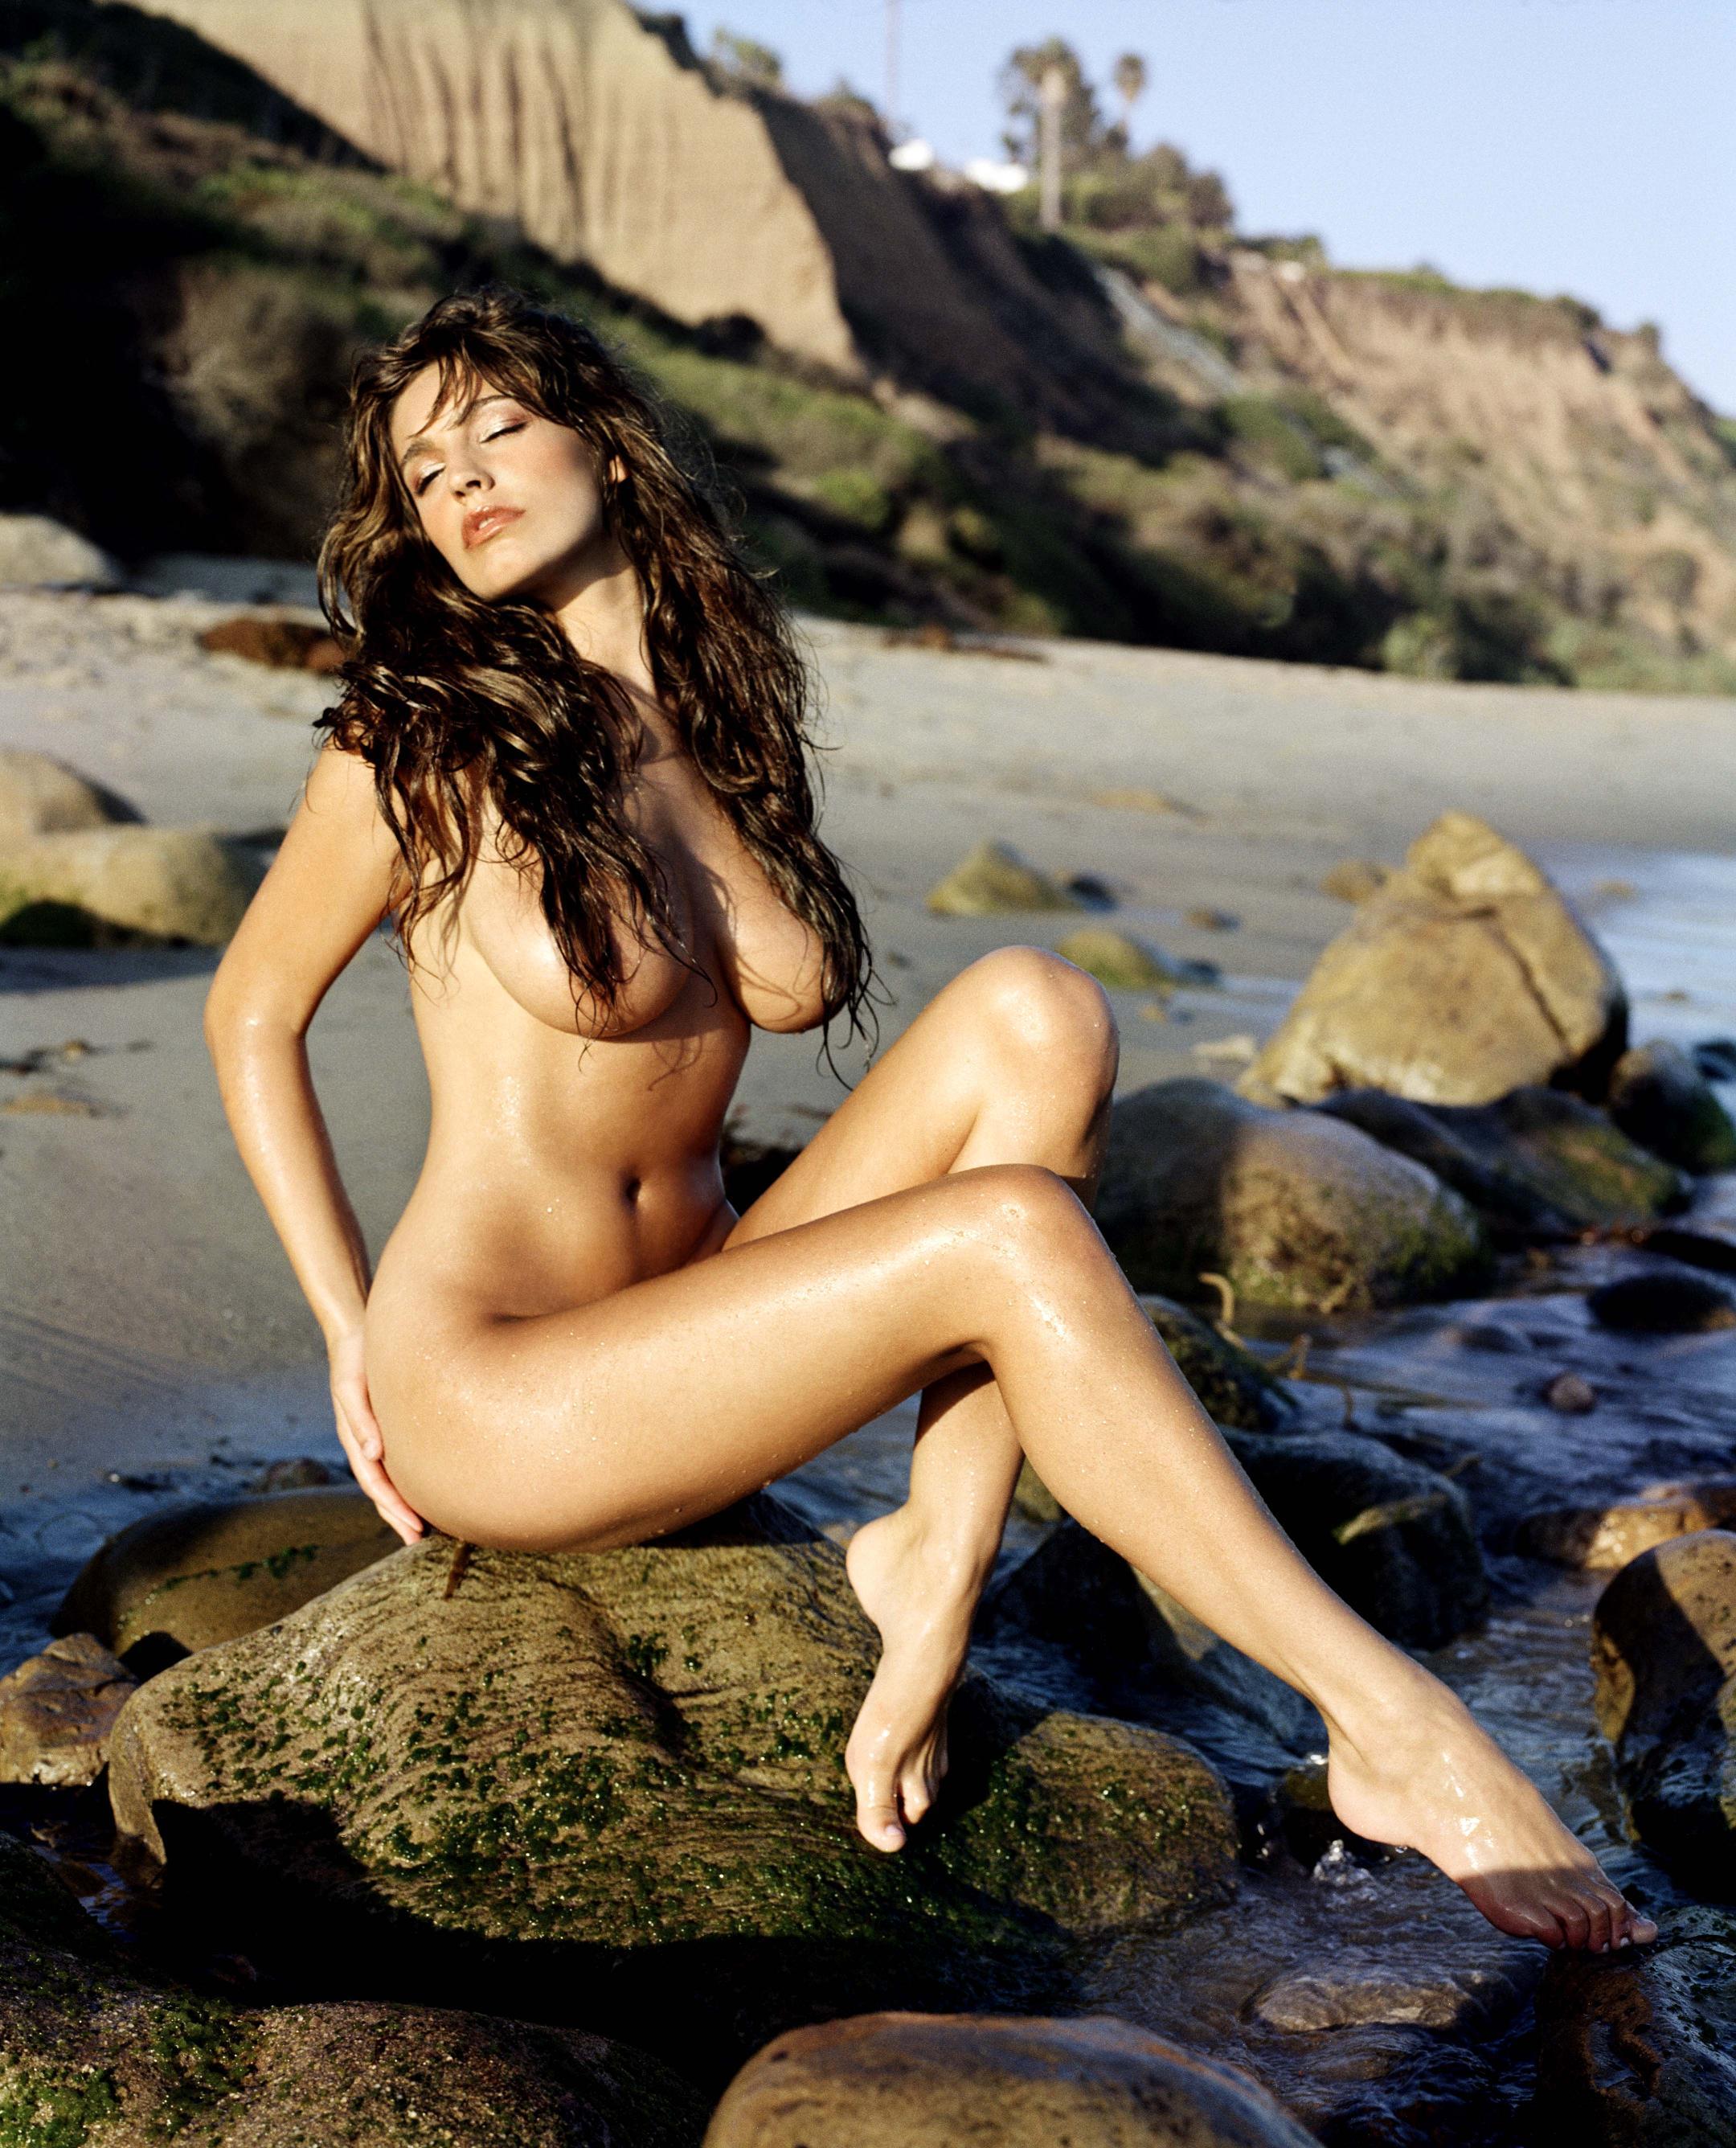 Фото девушек голышок на пляжу 20 фотография